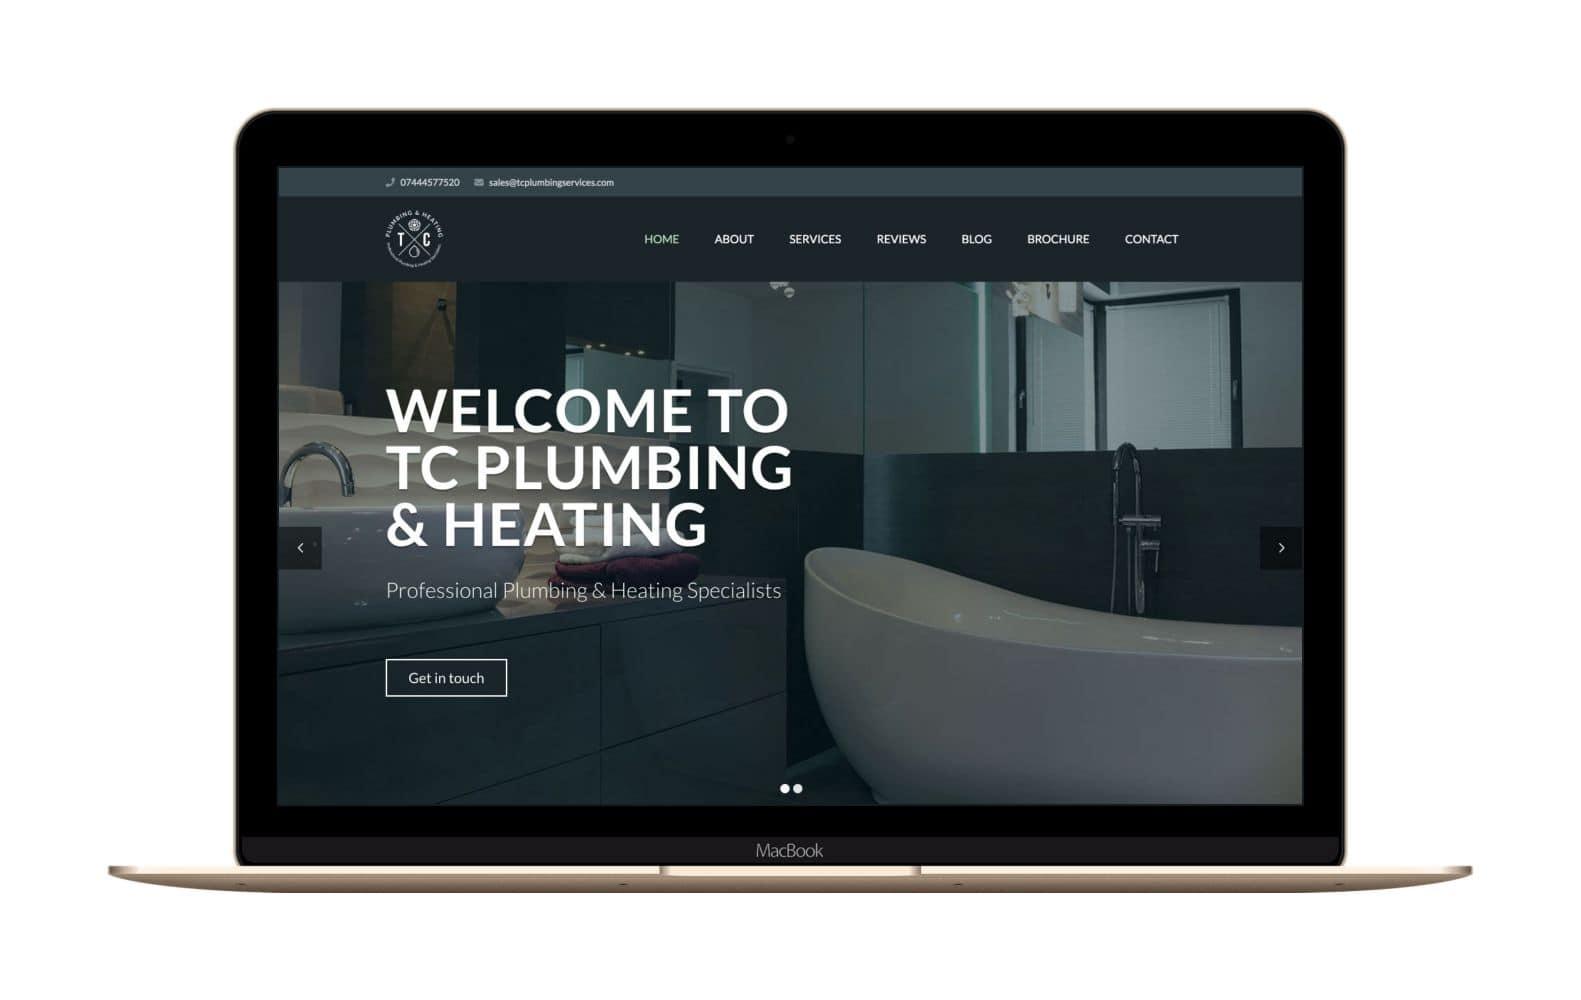 Website Design for TC Plumbing & Heating